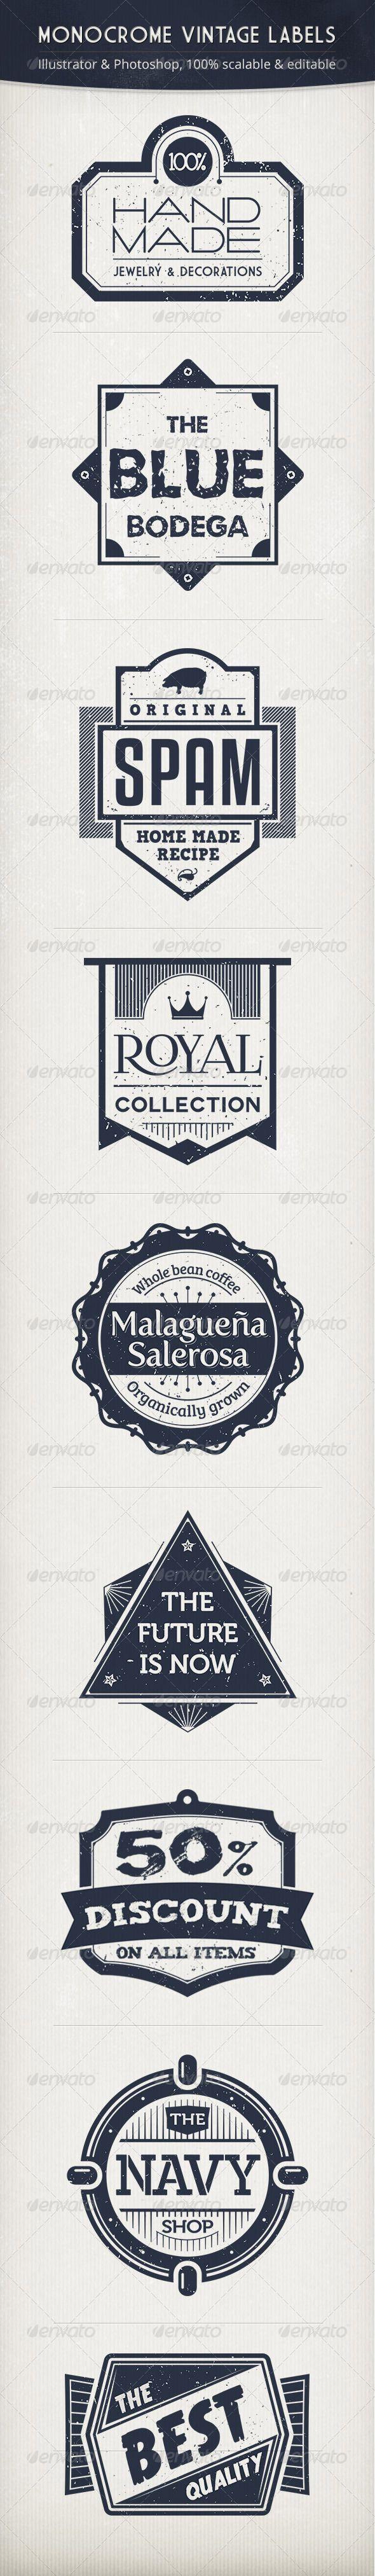 Monochrome Vintage Labels